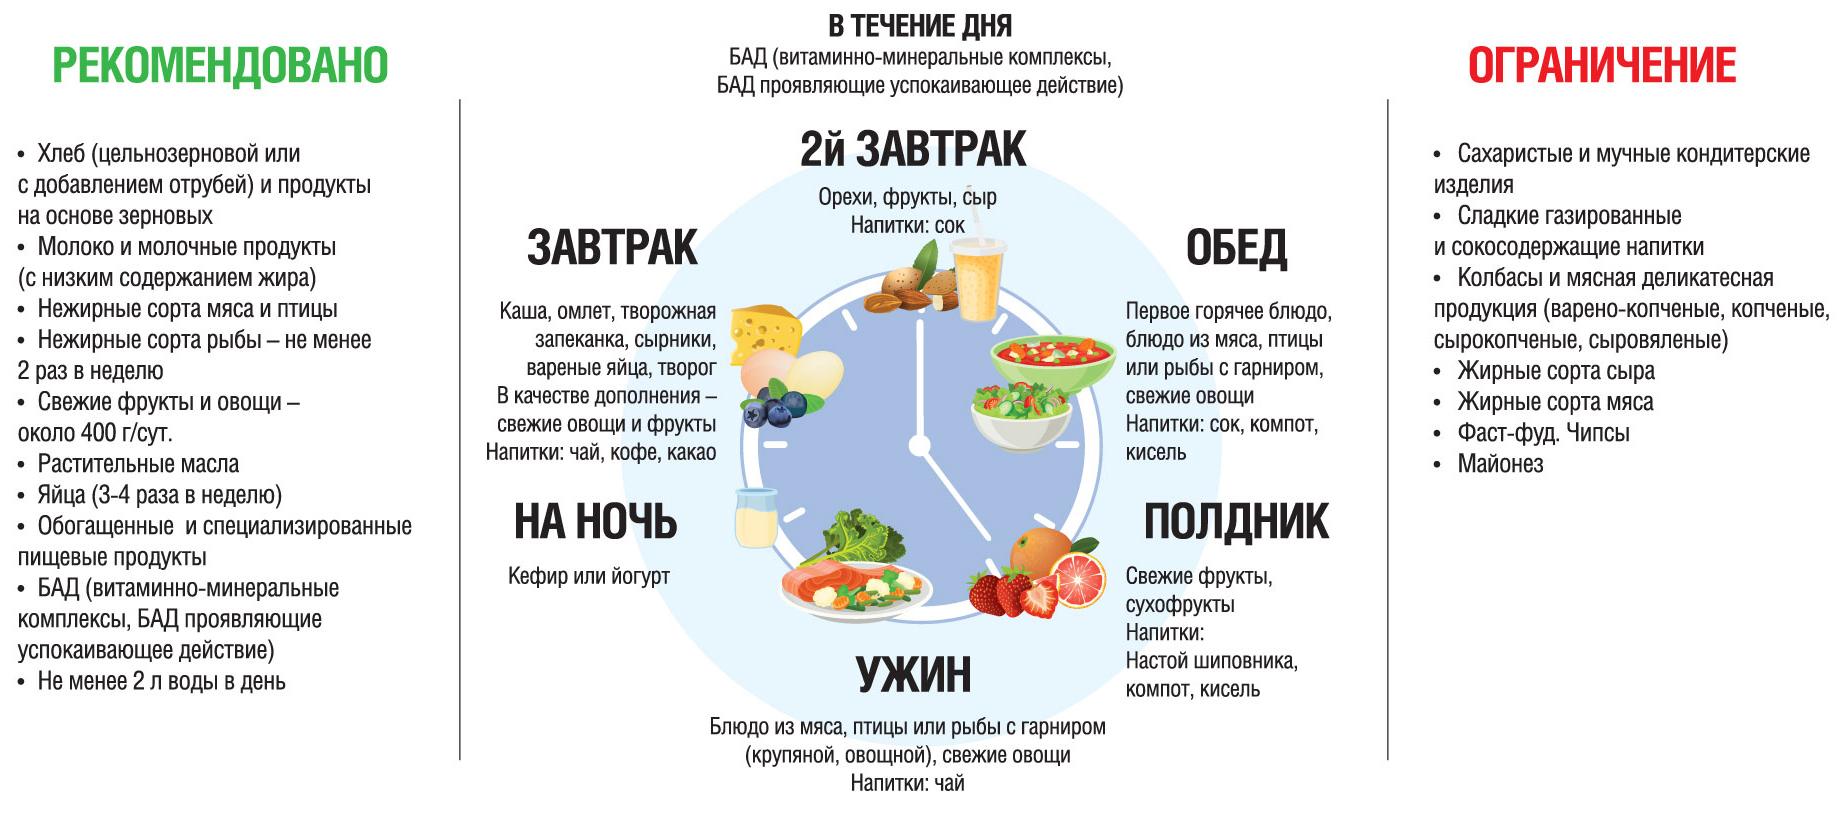 питание в карантин